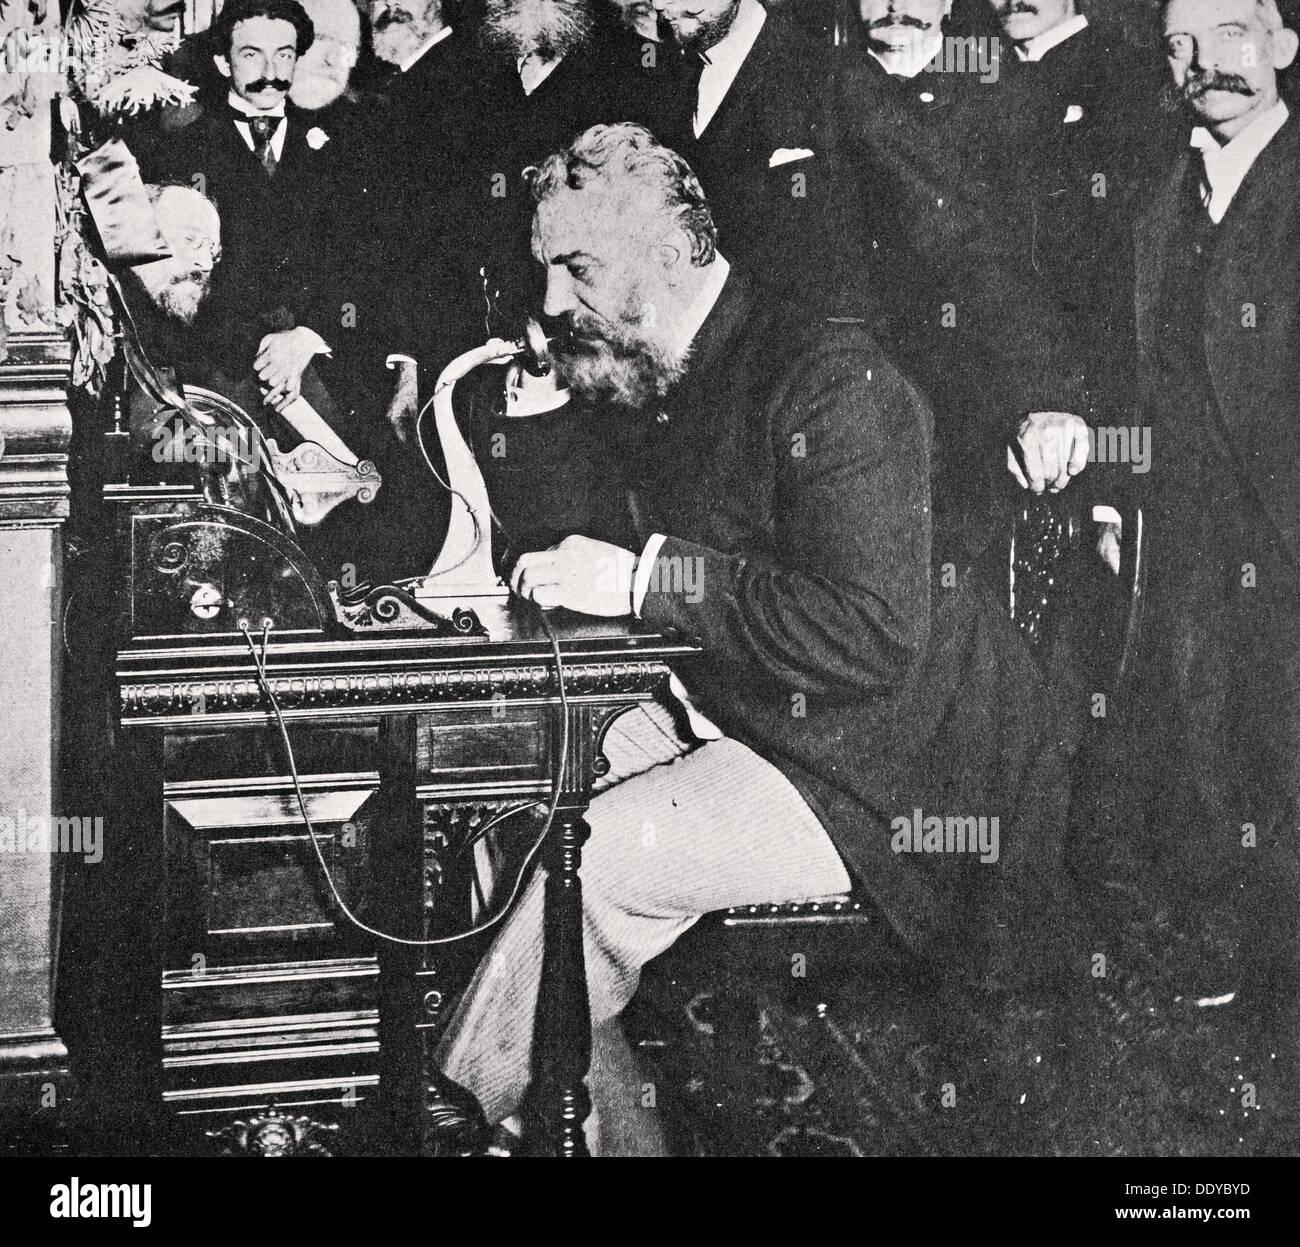 Alexander Graham Bell rende la prima chiamata telefonica tra New York e Chicago, Stati Uniti d'America, 1892. Artista: sconosciuto Immagini Stock